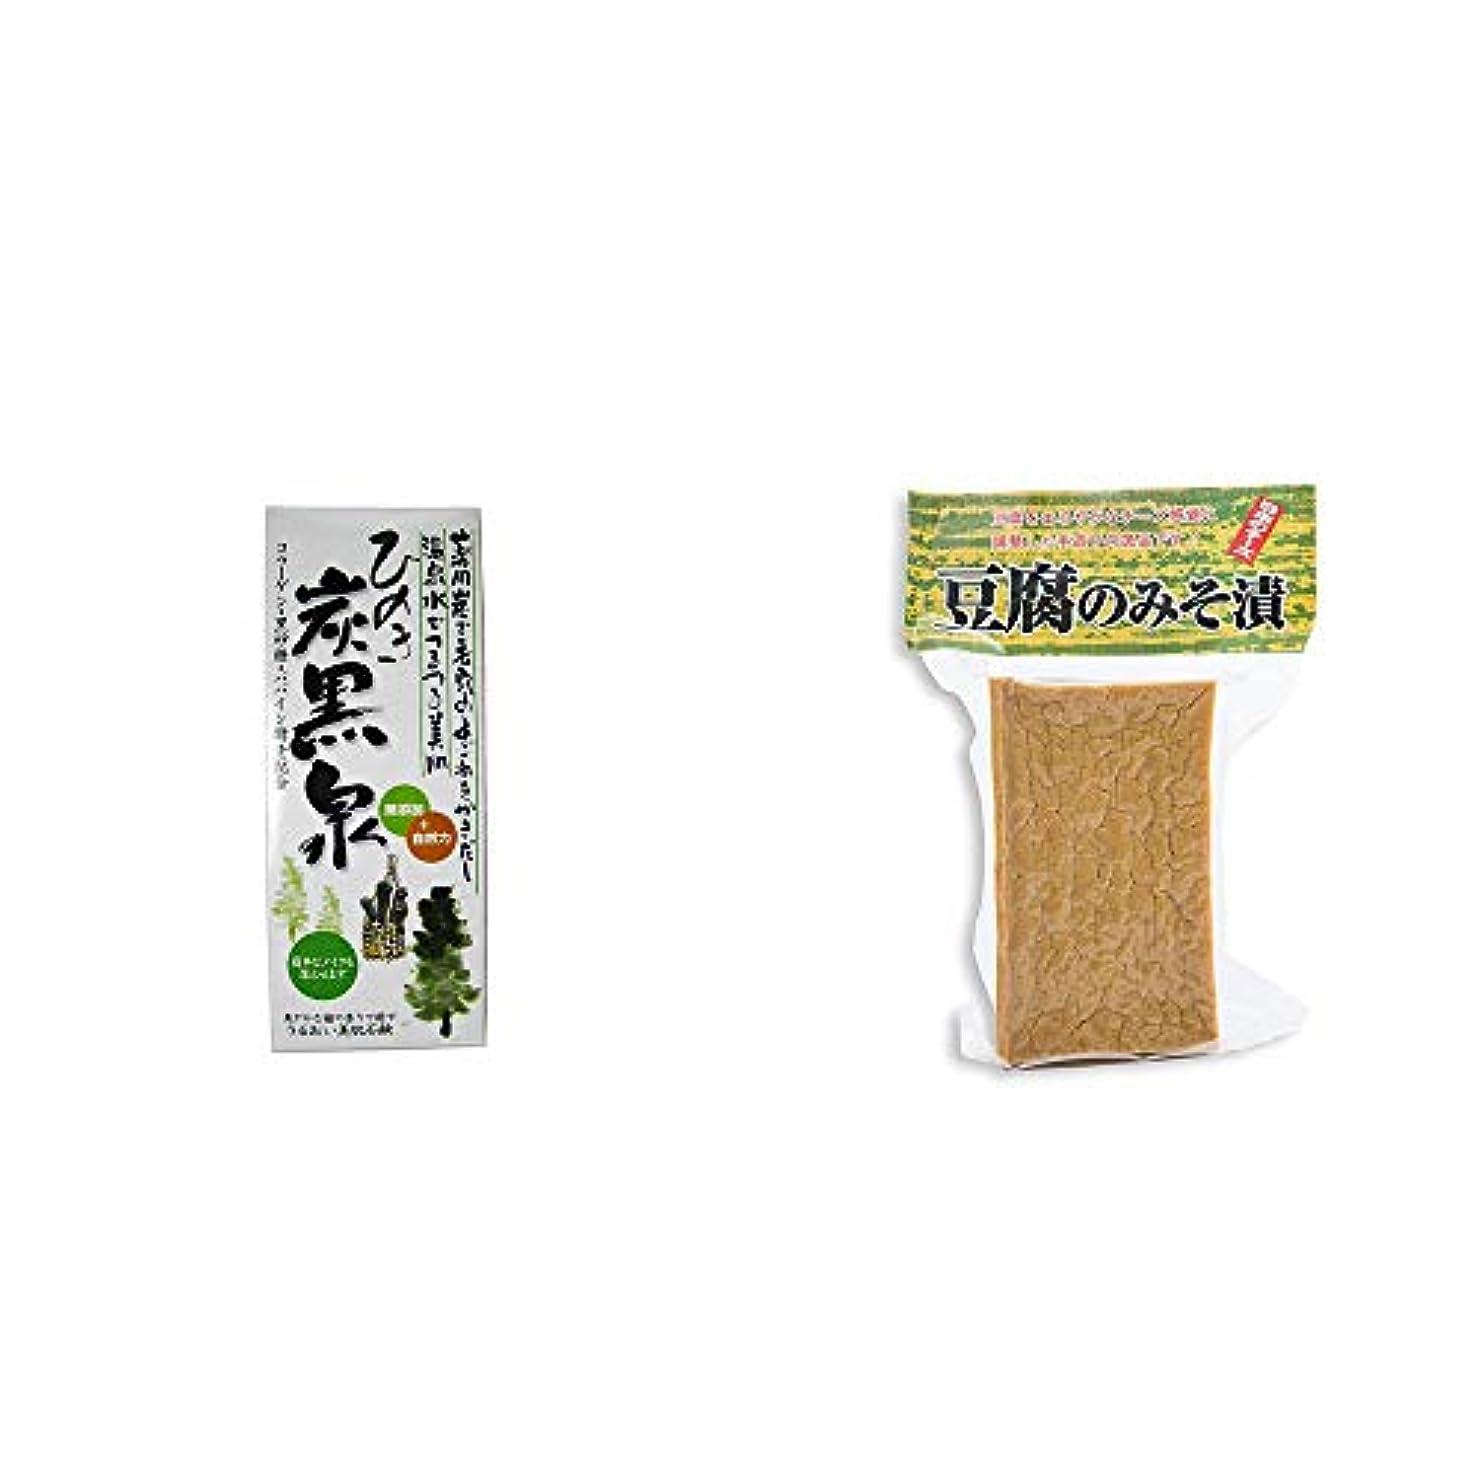 信頼性のあるバタフライ貪欲[2点セット] ひのき炭黒泉 箱入り(75g×3)?日本のチーズ 豆腐のみそ漬(1個入)